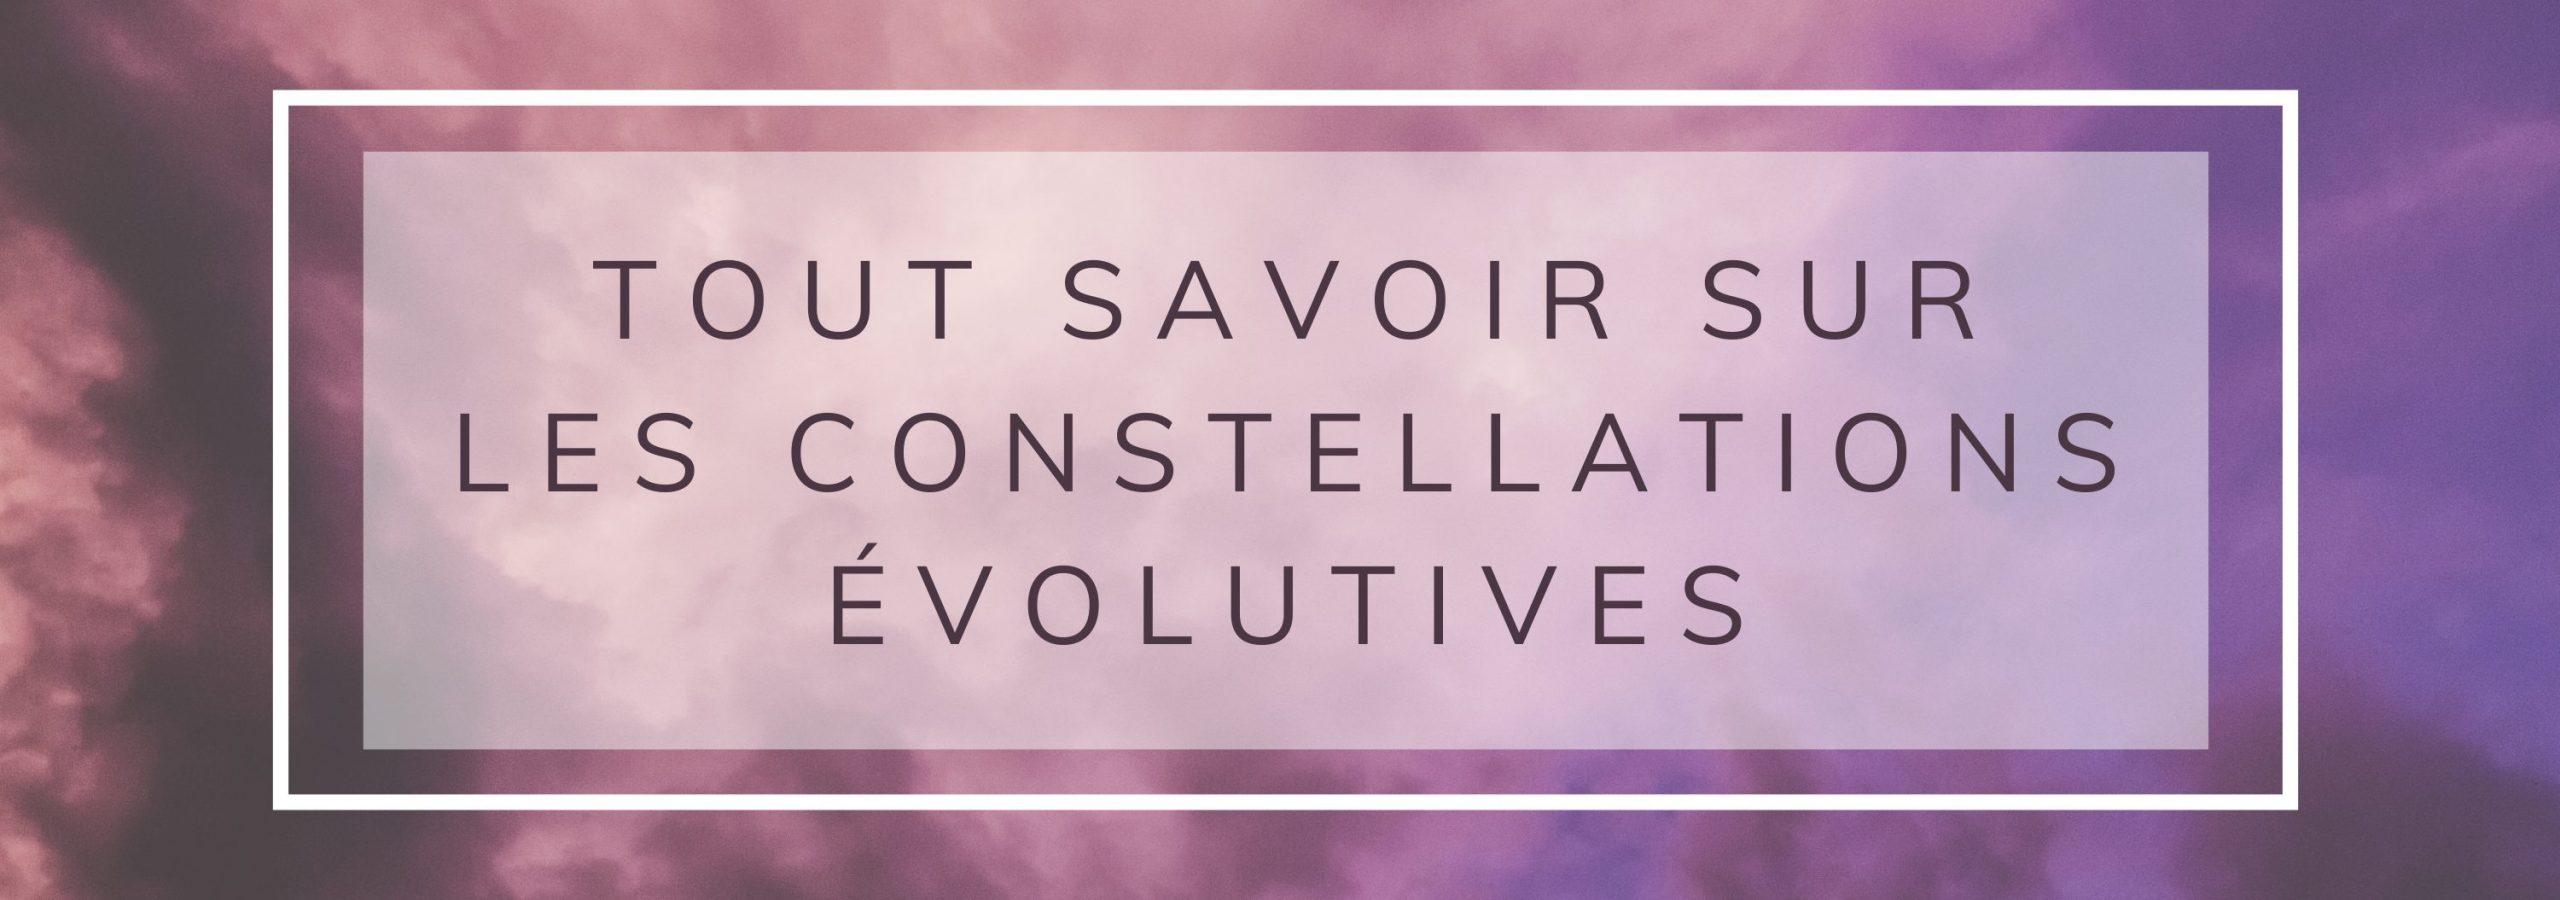 Tout savoir sur les constellations évolutives